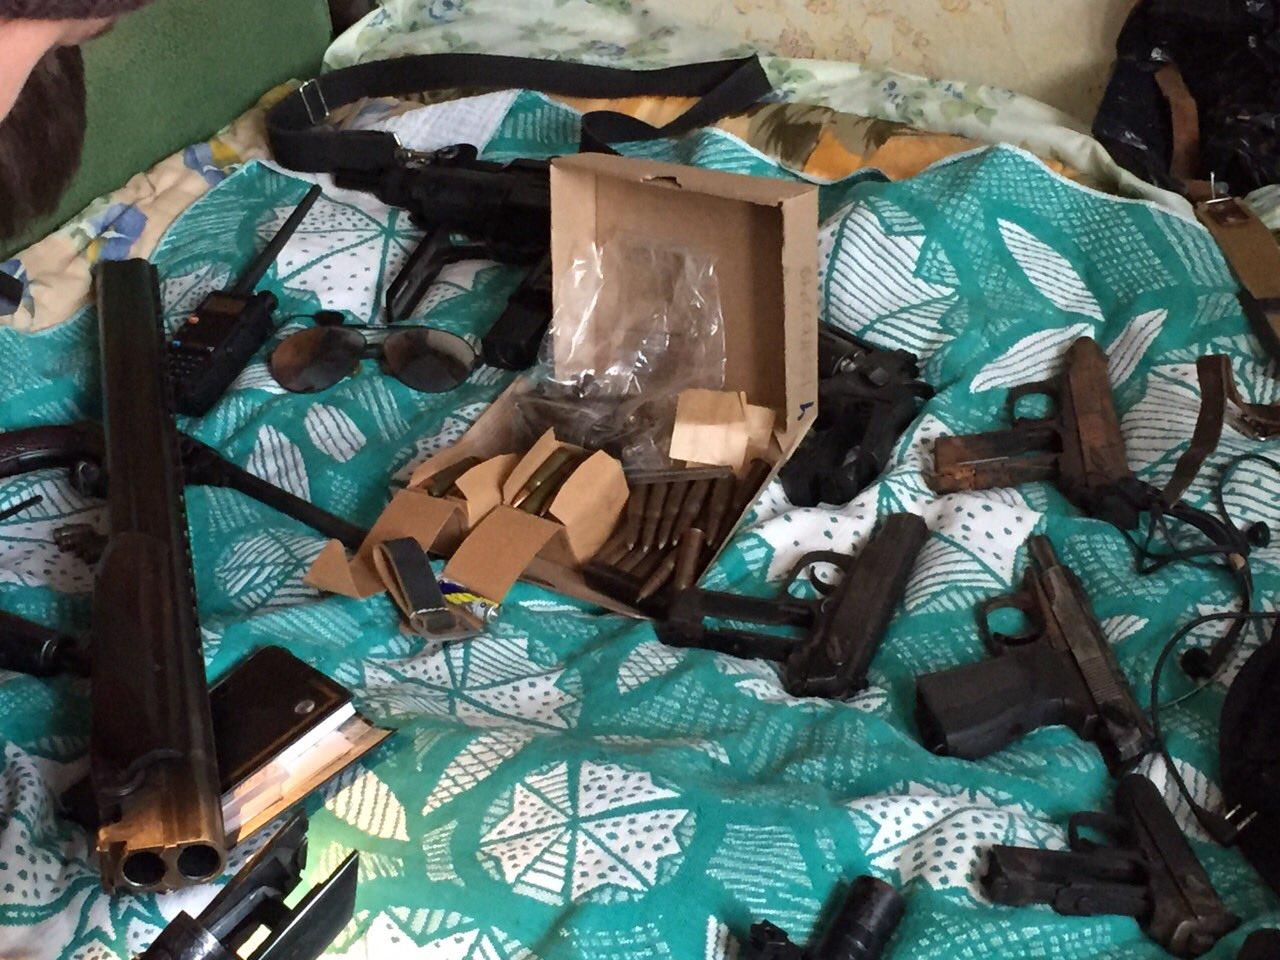 Как сообщили агентству «Урал-пресс-информ» в пресс-службе УФСБ по Челябинской области, в процесс